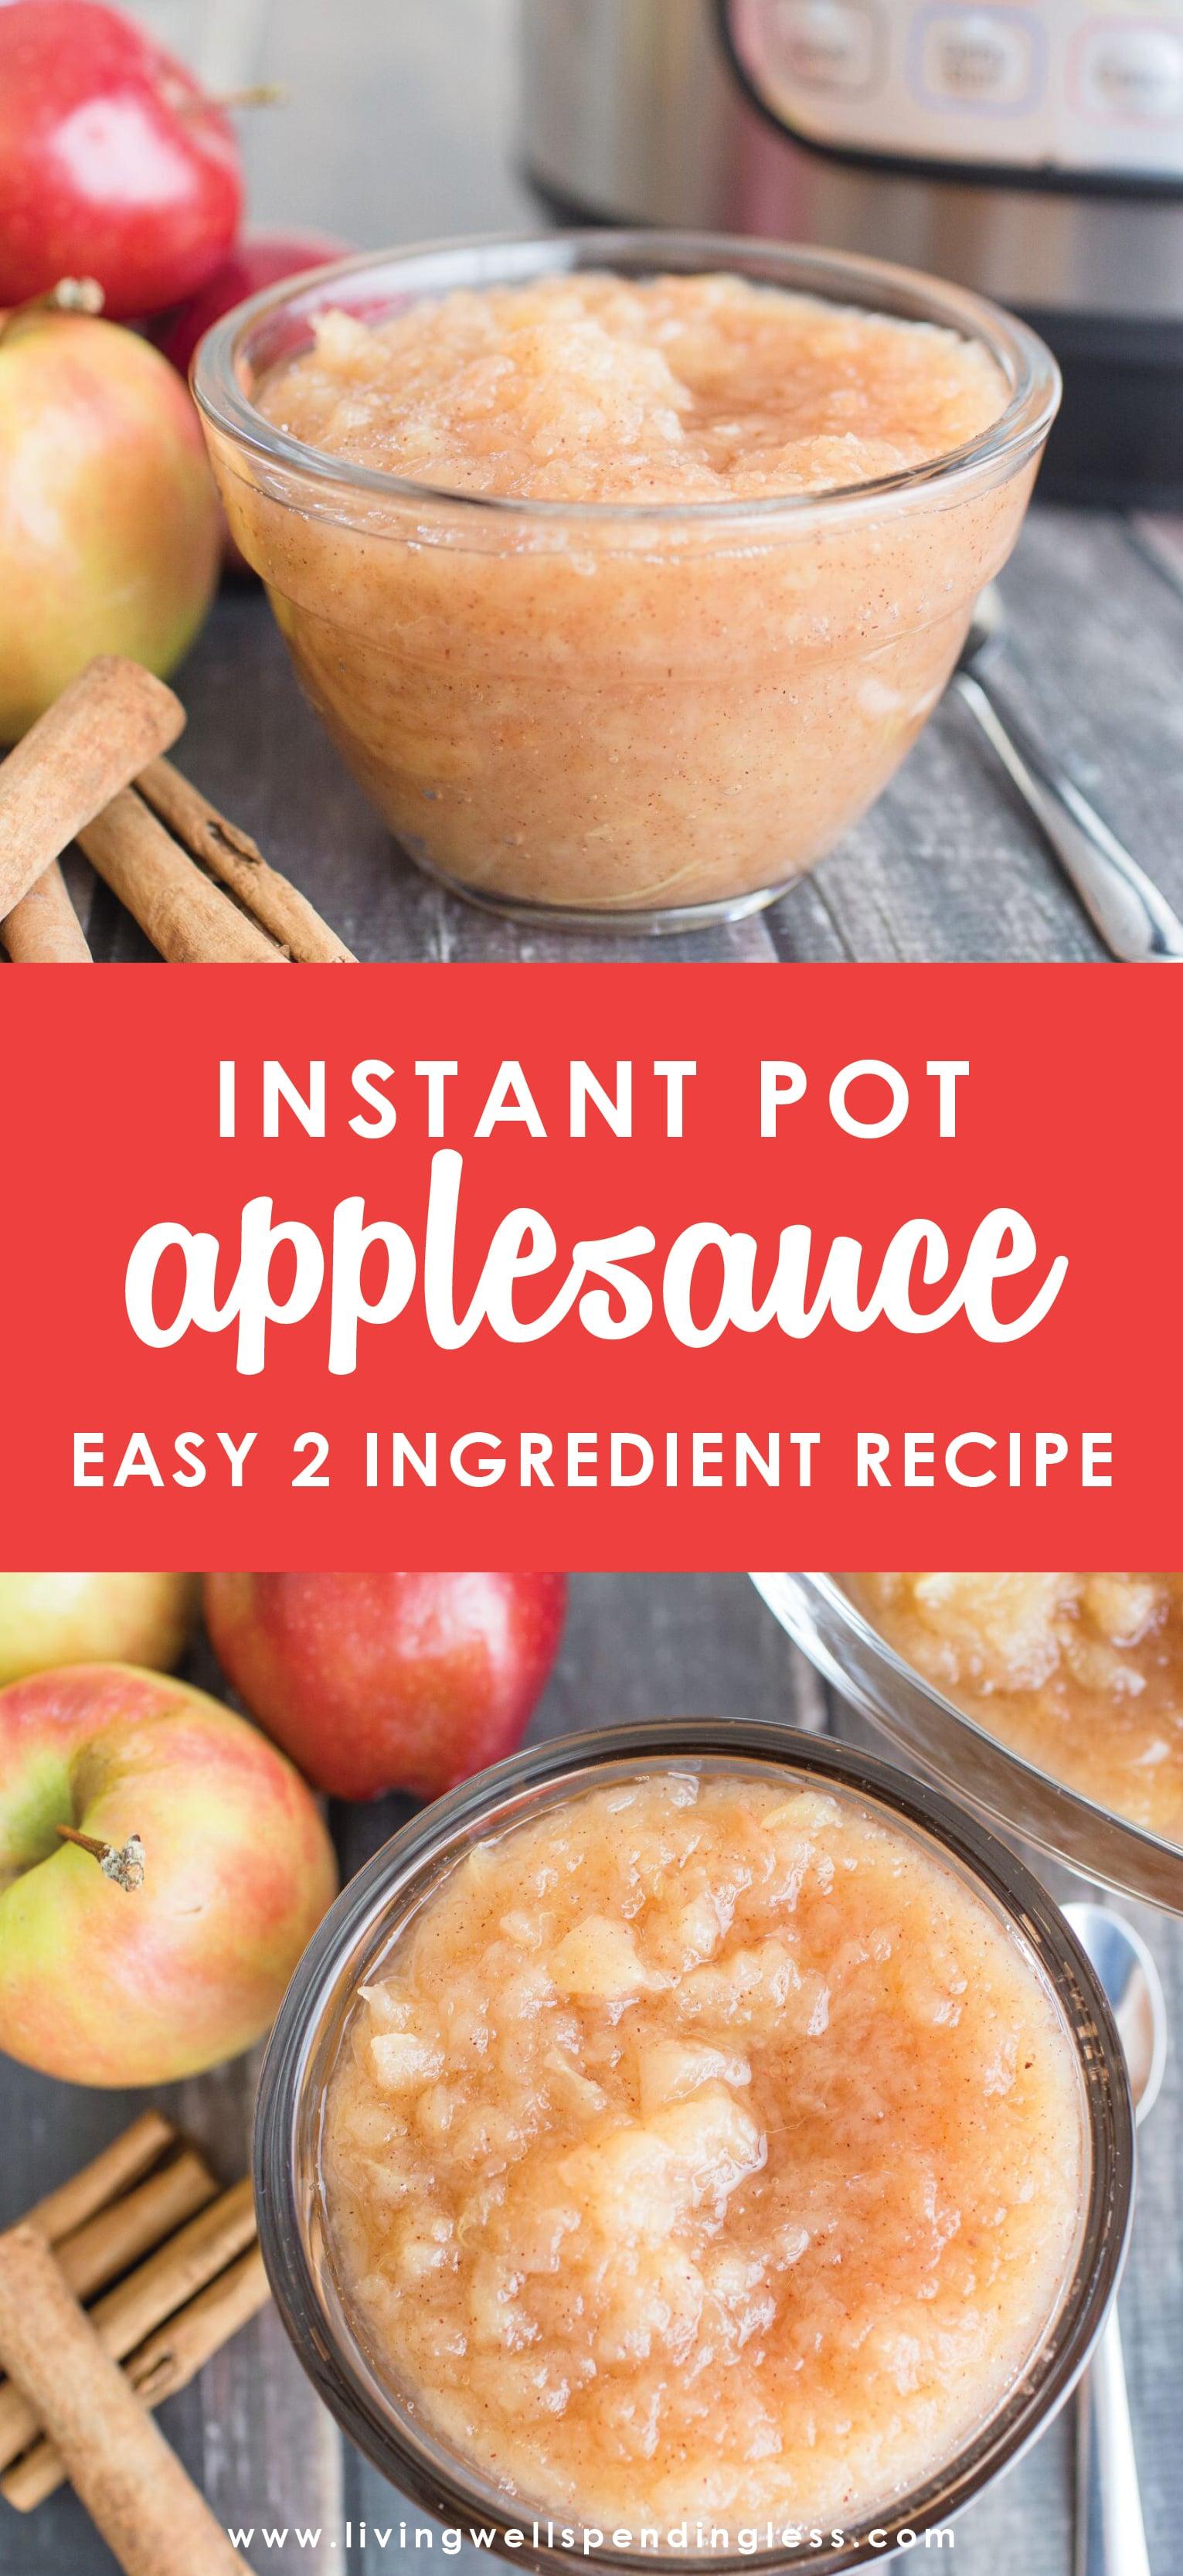 Instant pot applesauce.